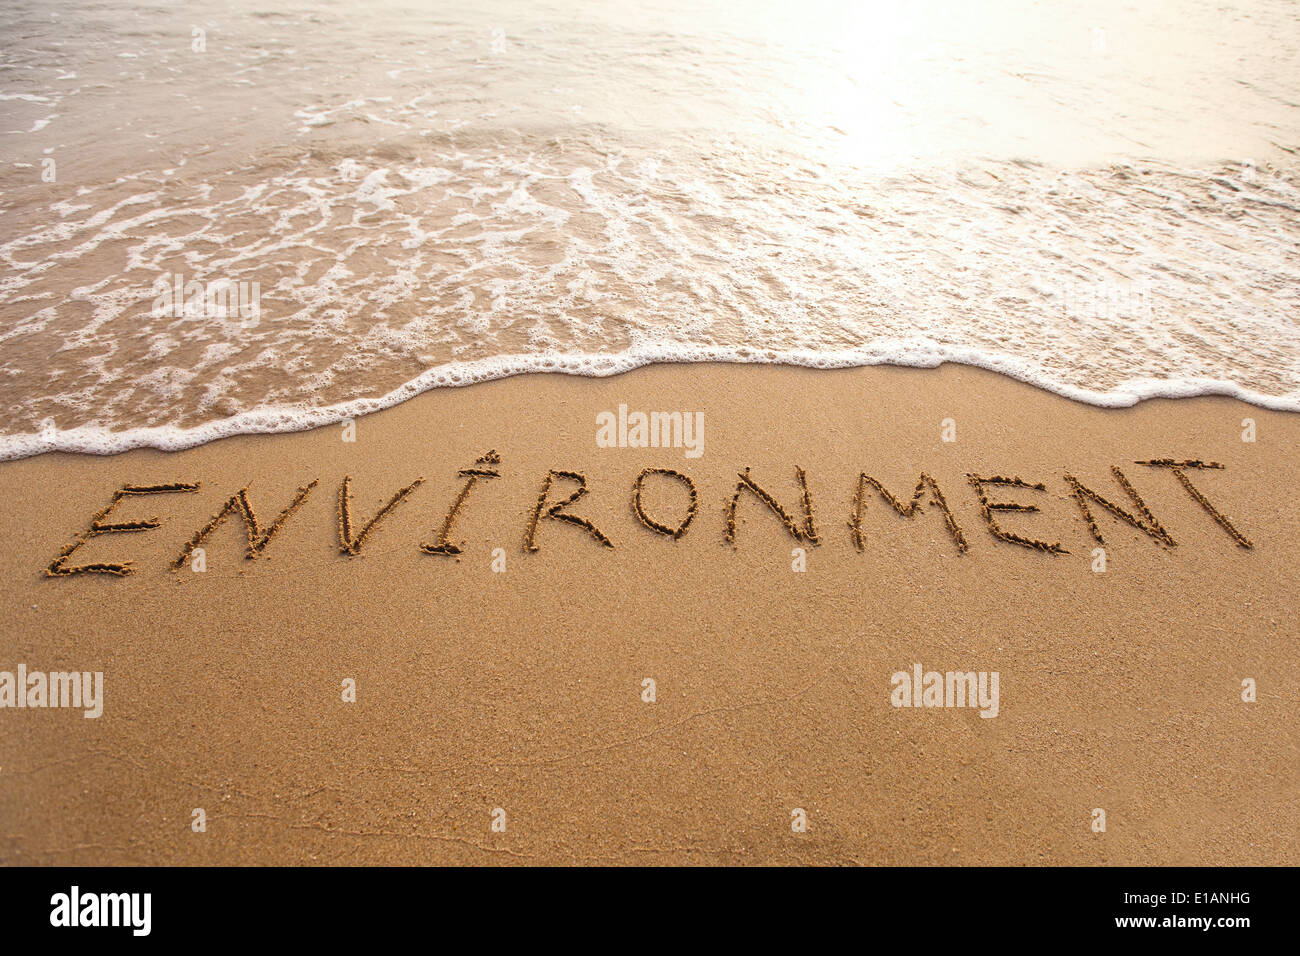 Umwelt-Konzept Stockbild